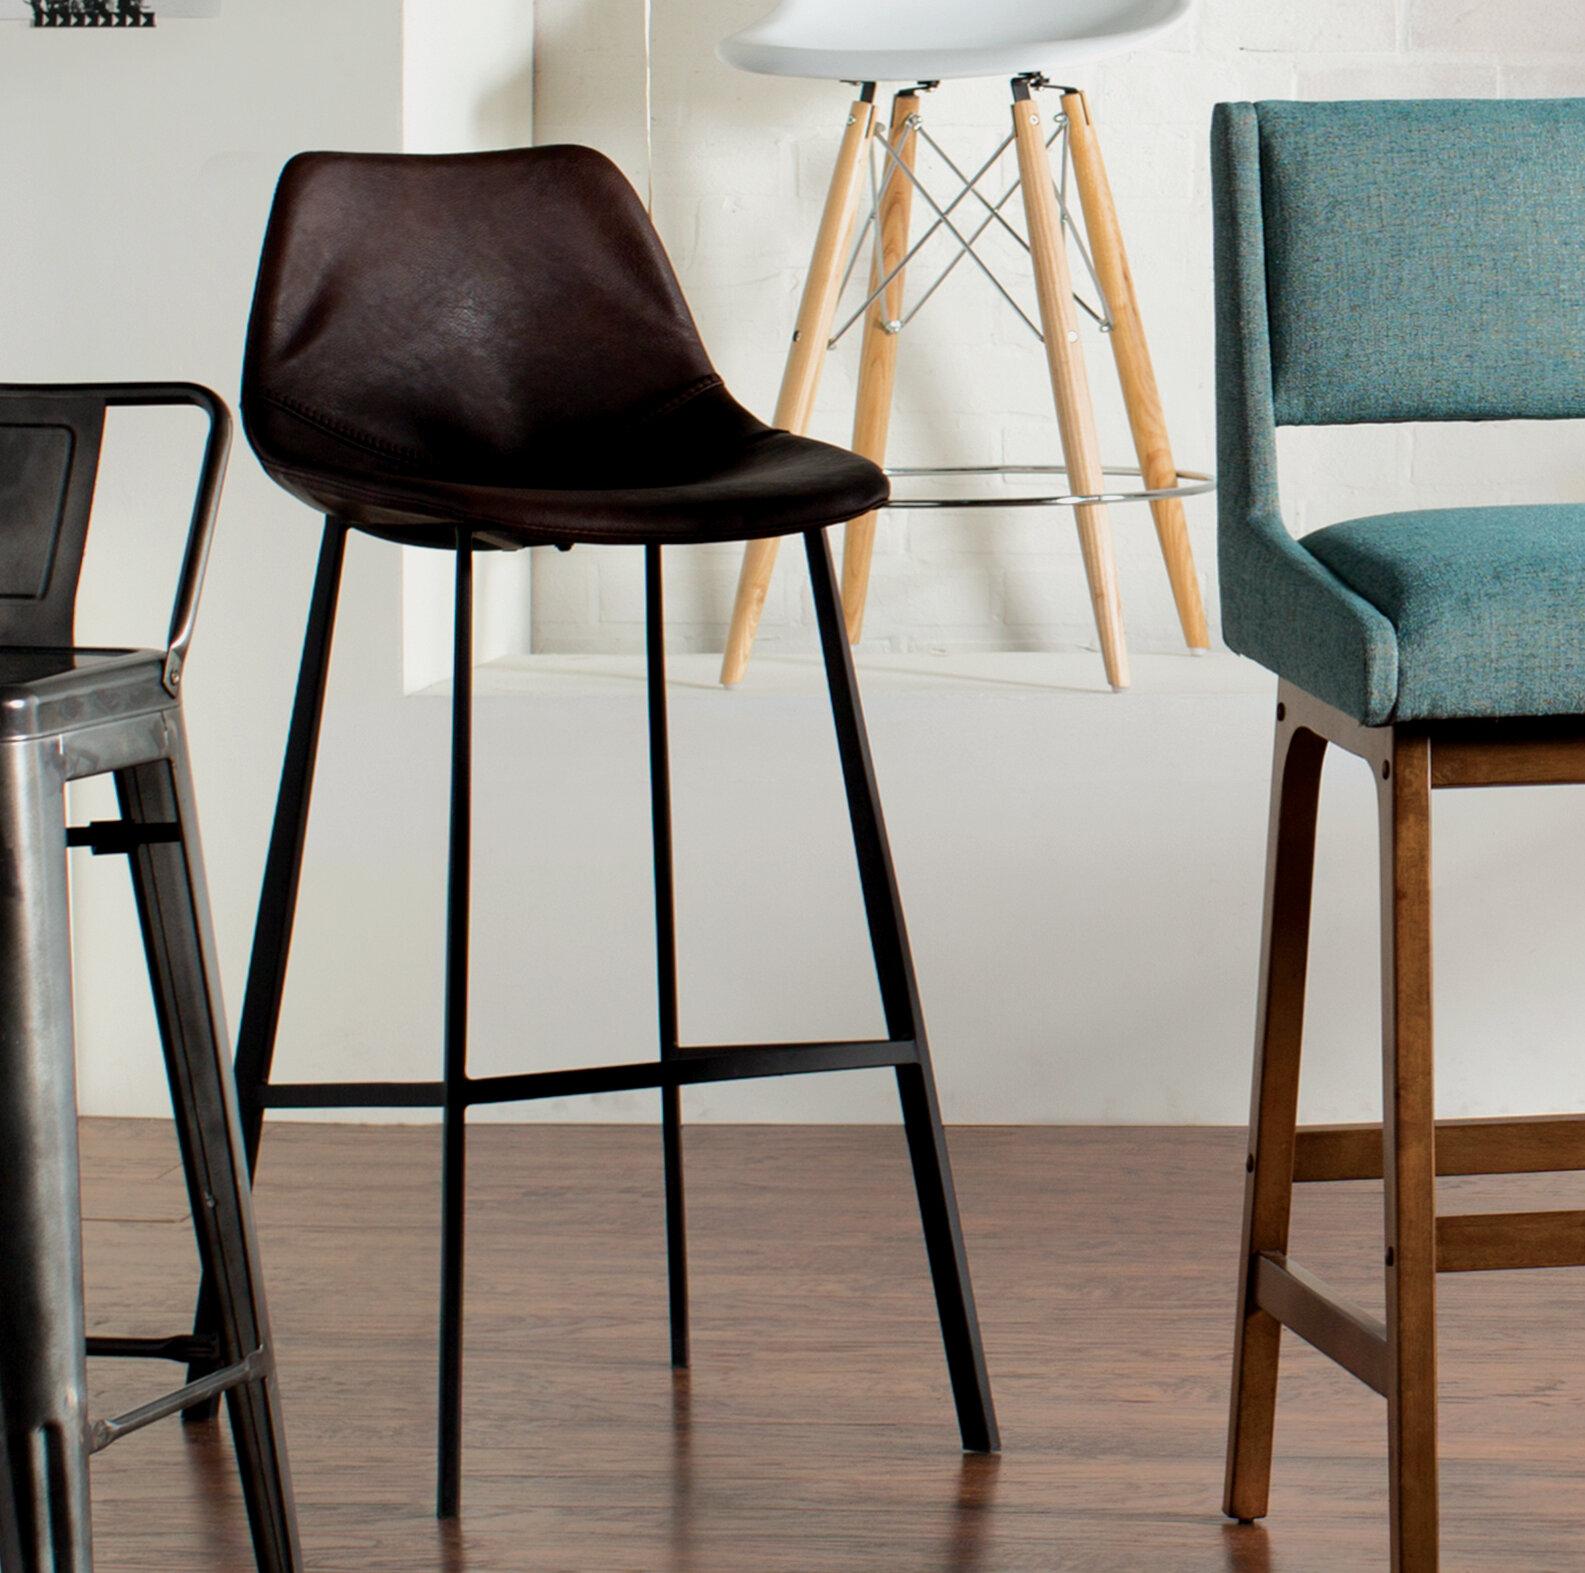 Brilliant Witney 30 5 Bar Stool Ncnpc Chair Design For Home Ncnpcorg